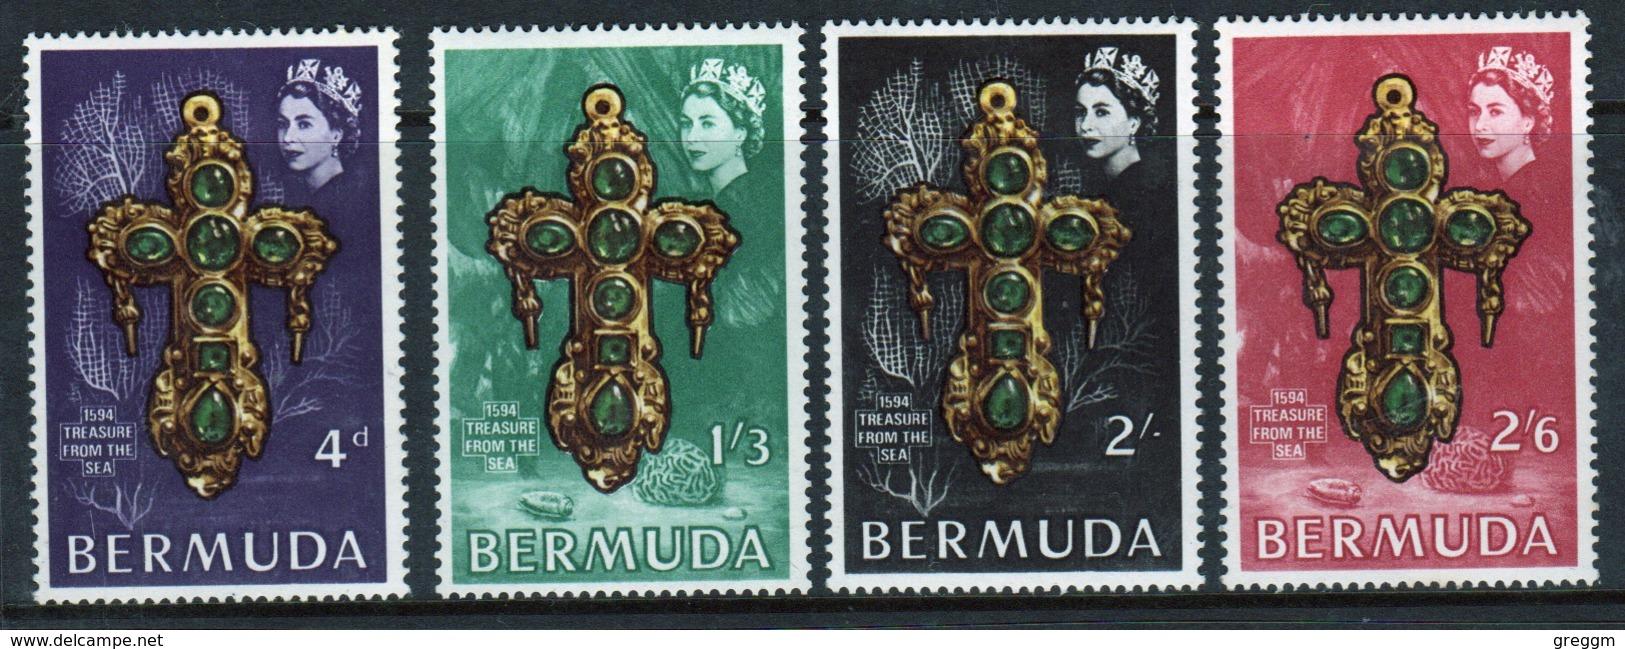 Bermuda Elizabeth II 1969 Set Of Stamps To Celebrate Underwater Treasure. - Bermuda